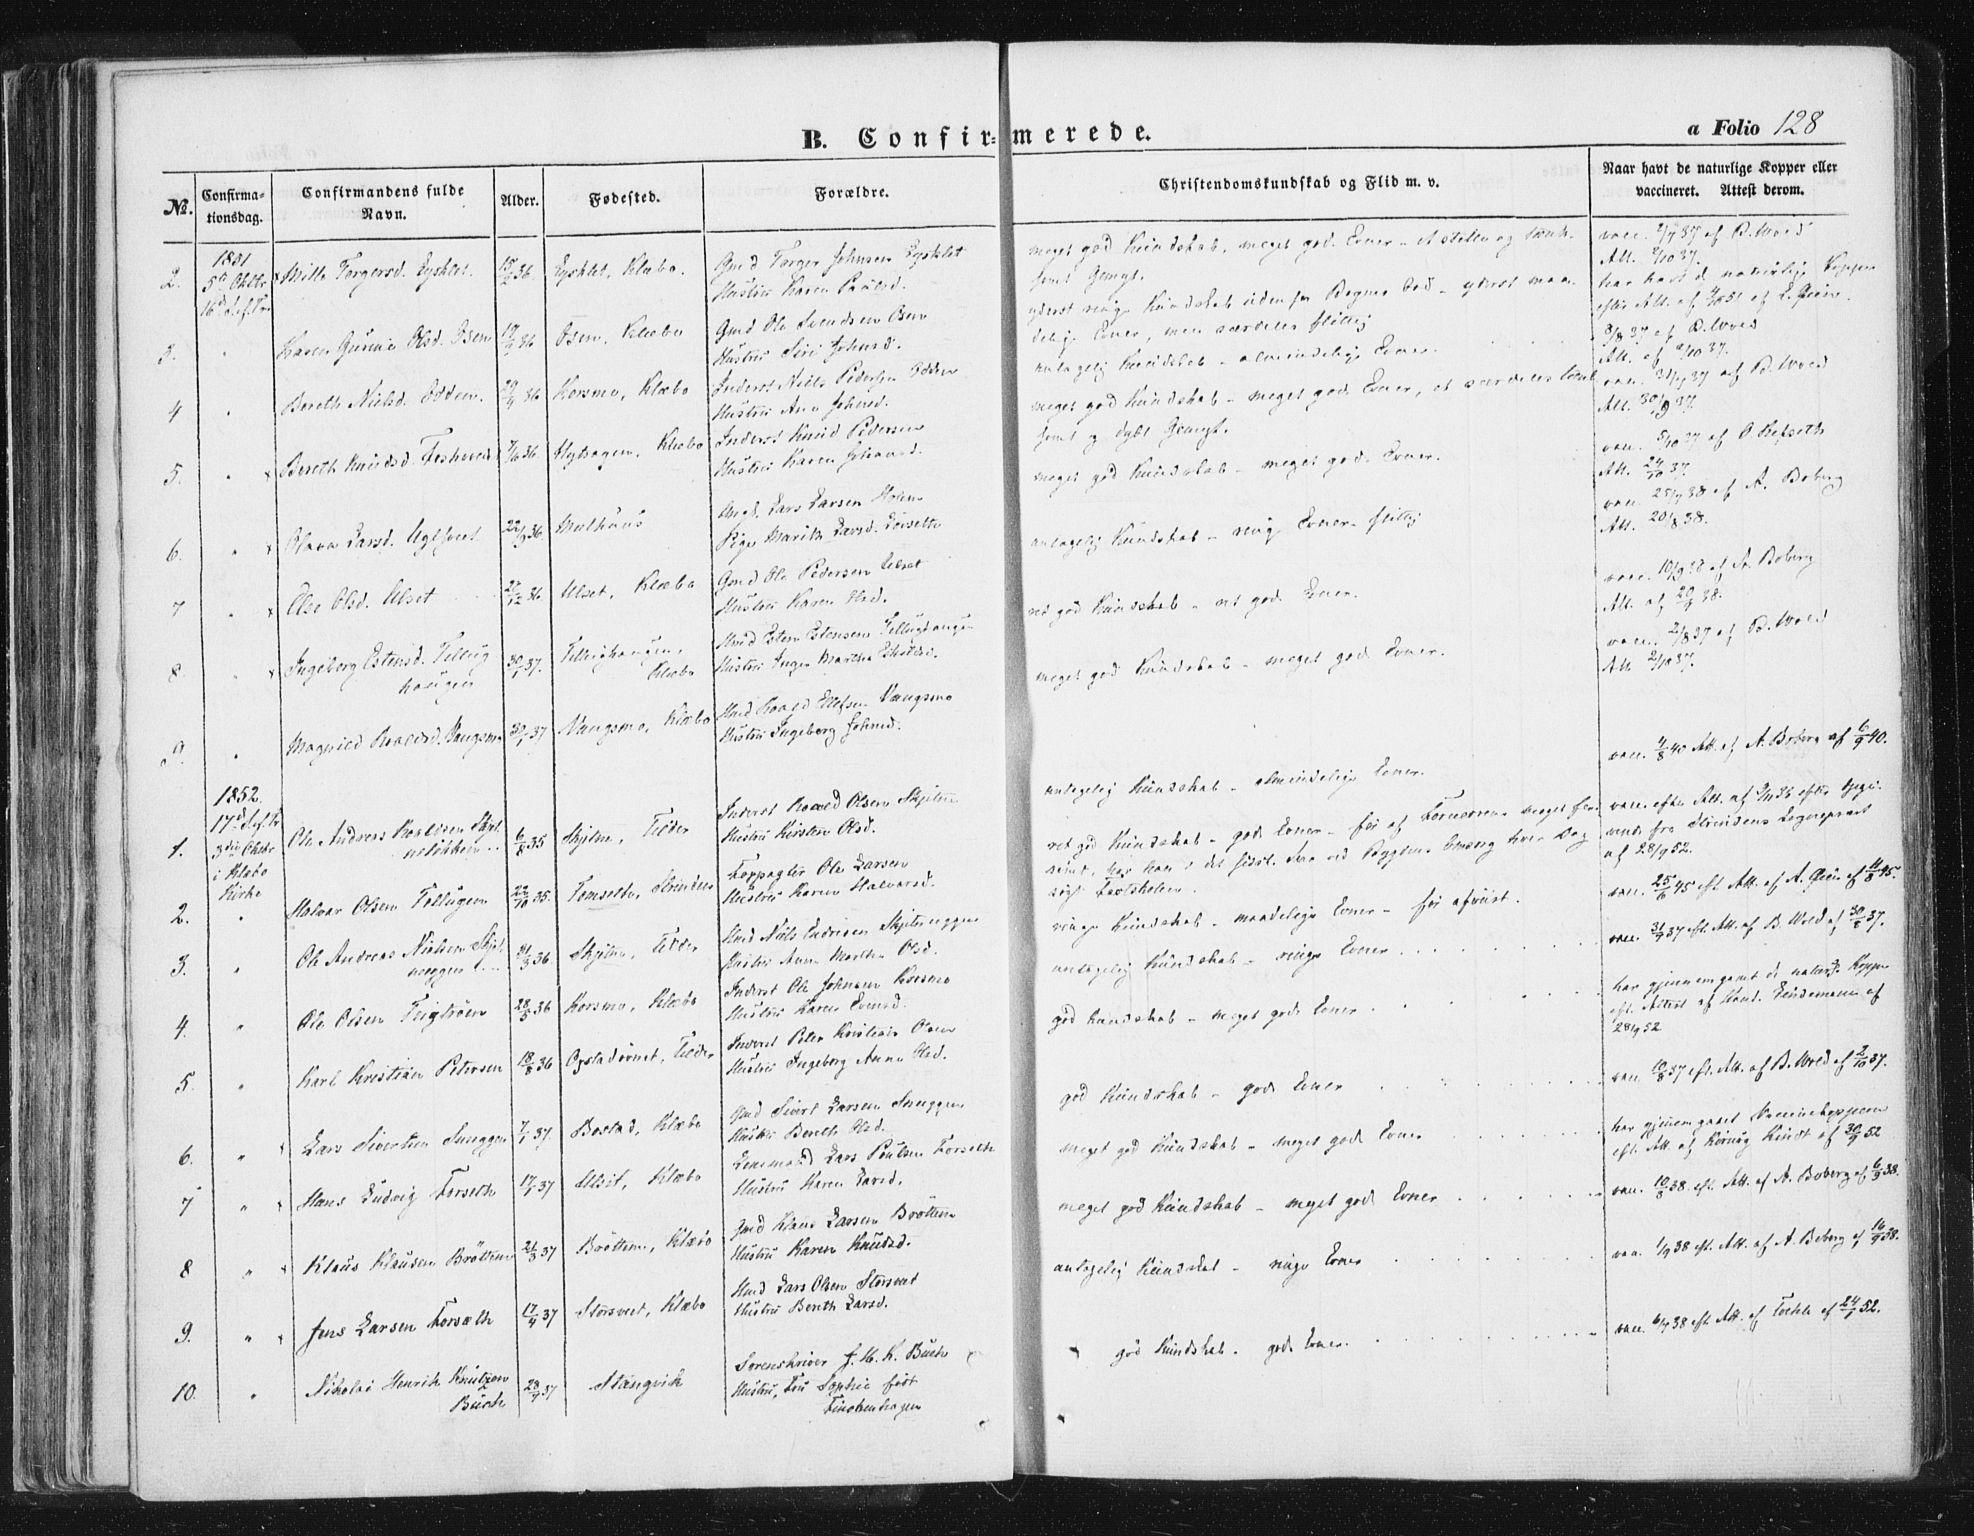 SAT, Ministerialprotokoller, klokkerbøker og fødselsregistre - Sør-Trøndelag, 618/L0441: Ministerialbok nr. 618A05, 1843-1862, s. 128